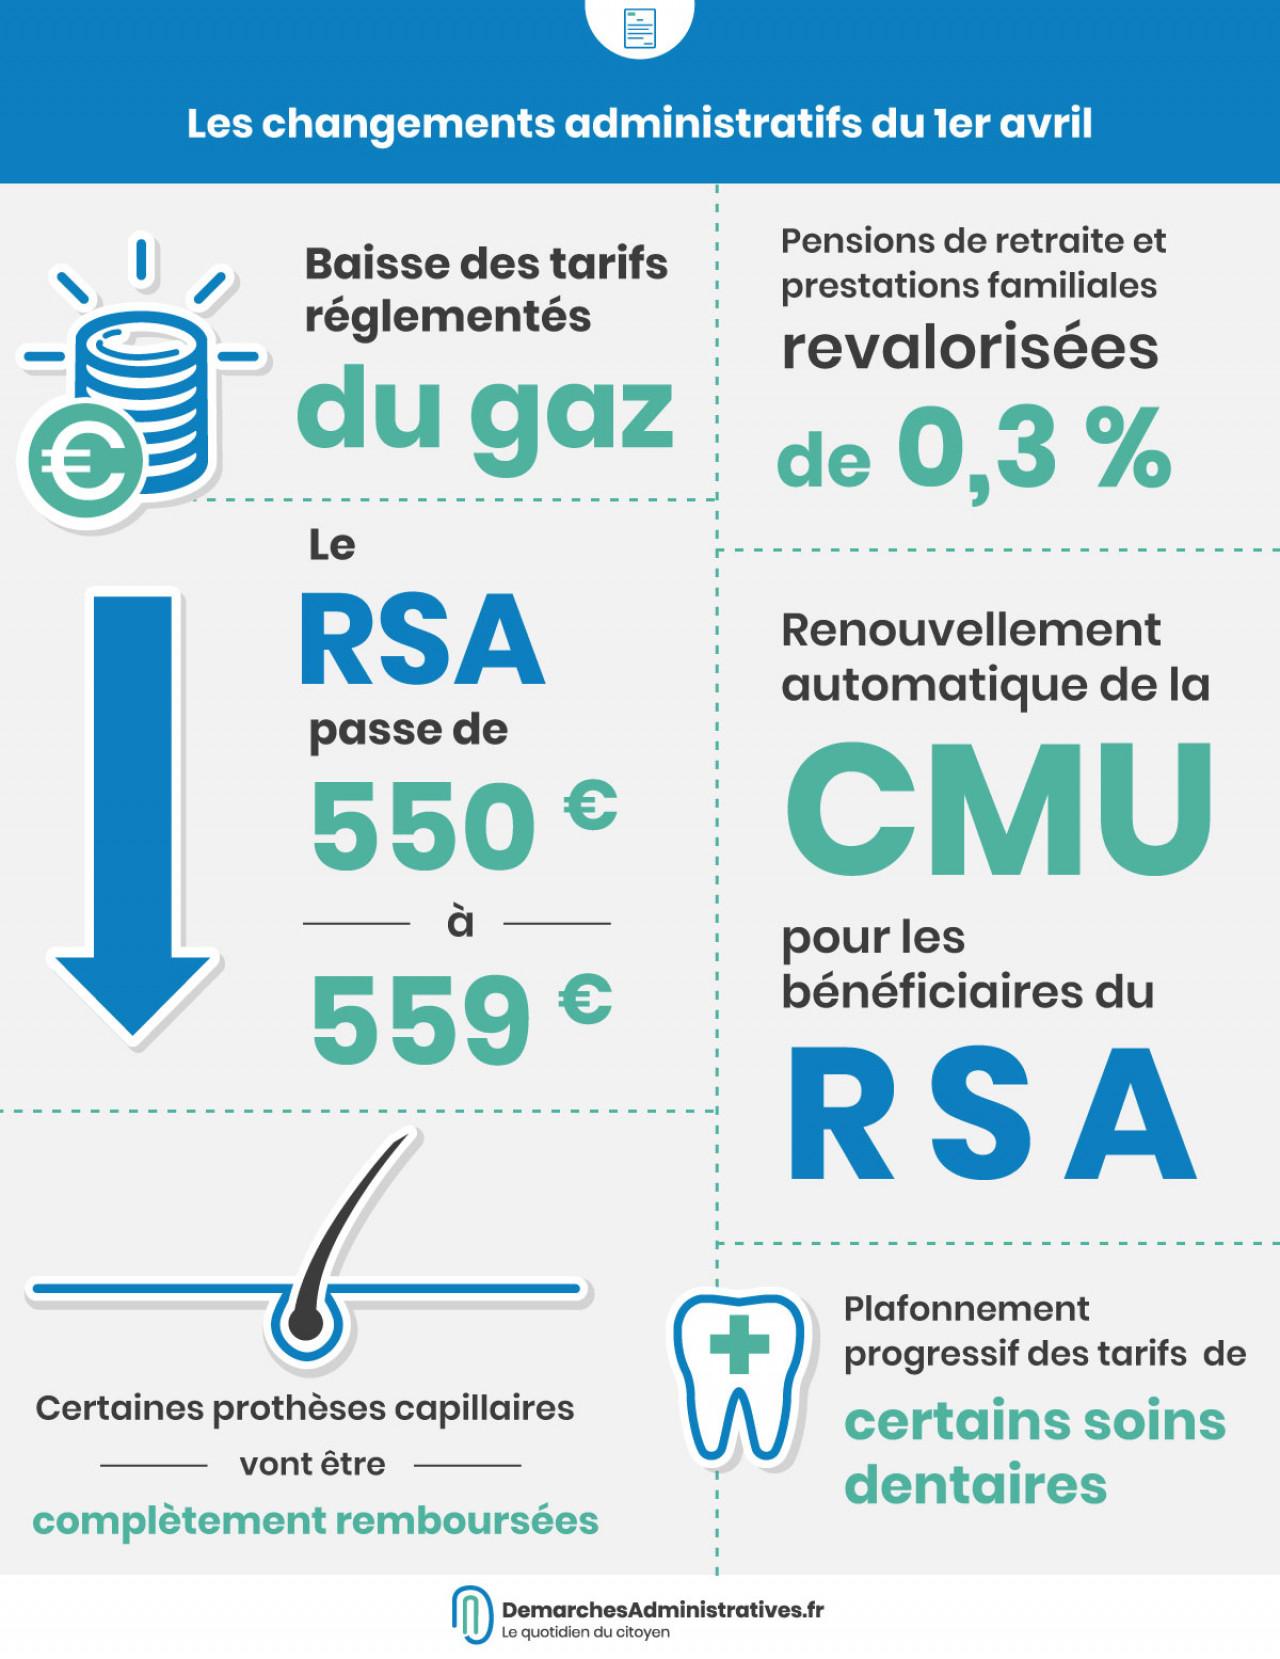 Hausse du RSA, gaz réglementé en baisse, soins dentaires et capillaires plafonnés, CMU automatique